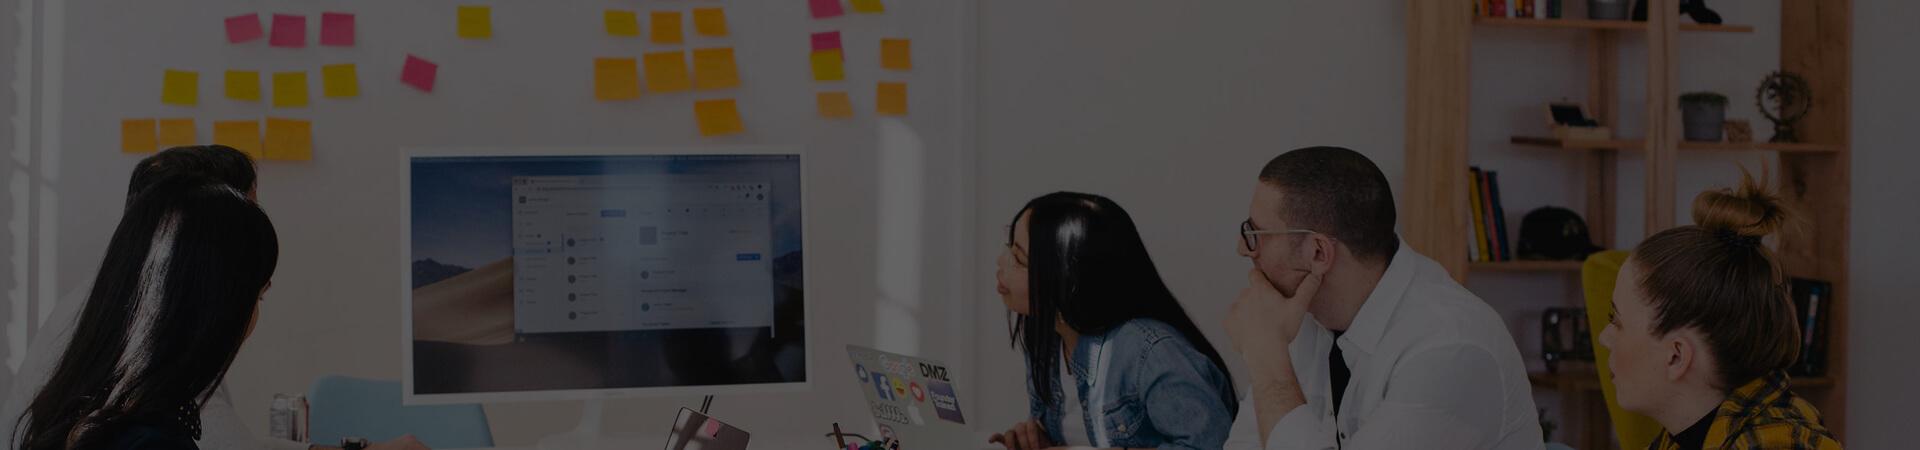 Digital Innovation Workshops